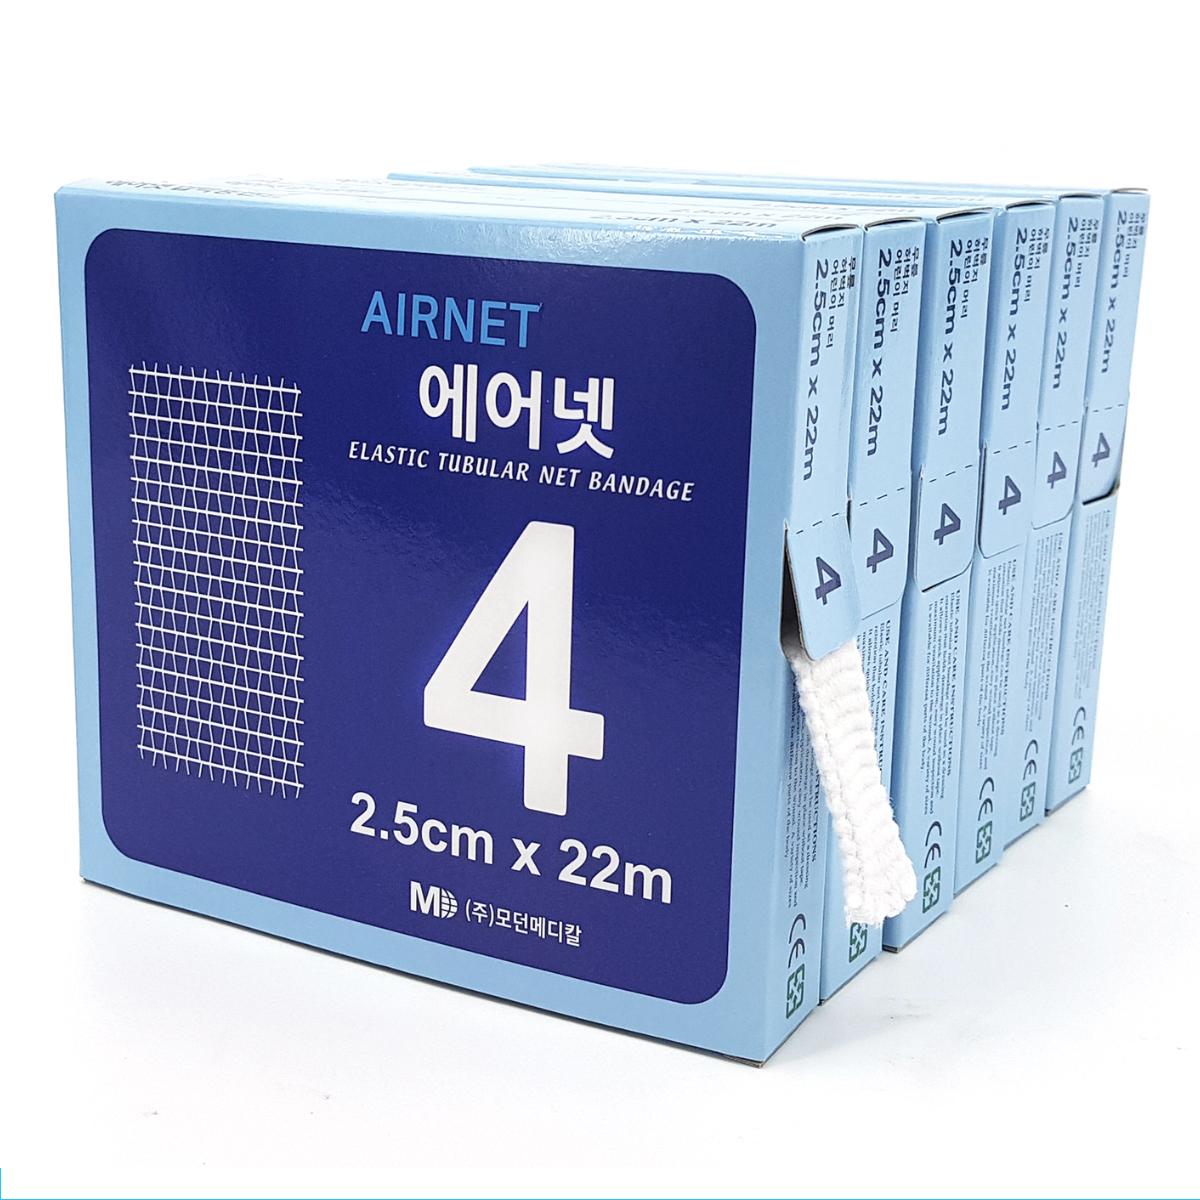 에어넷 4호 2.5cm x 22m 망붕대 AIRNET 24000